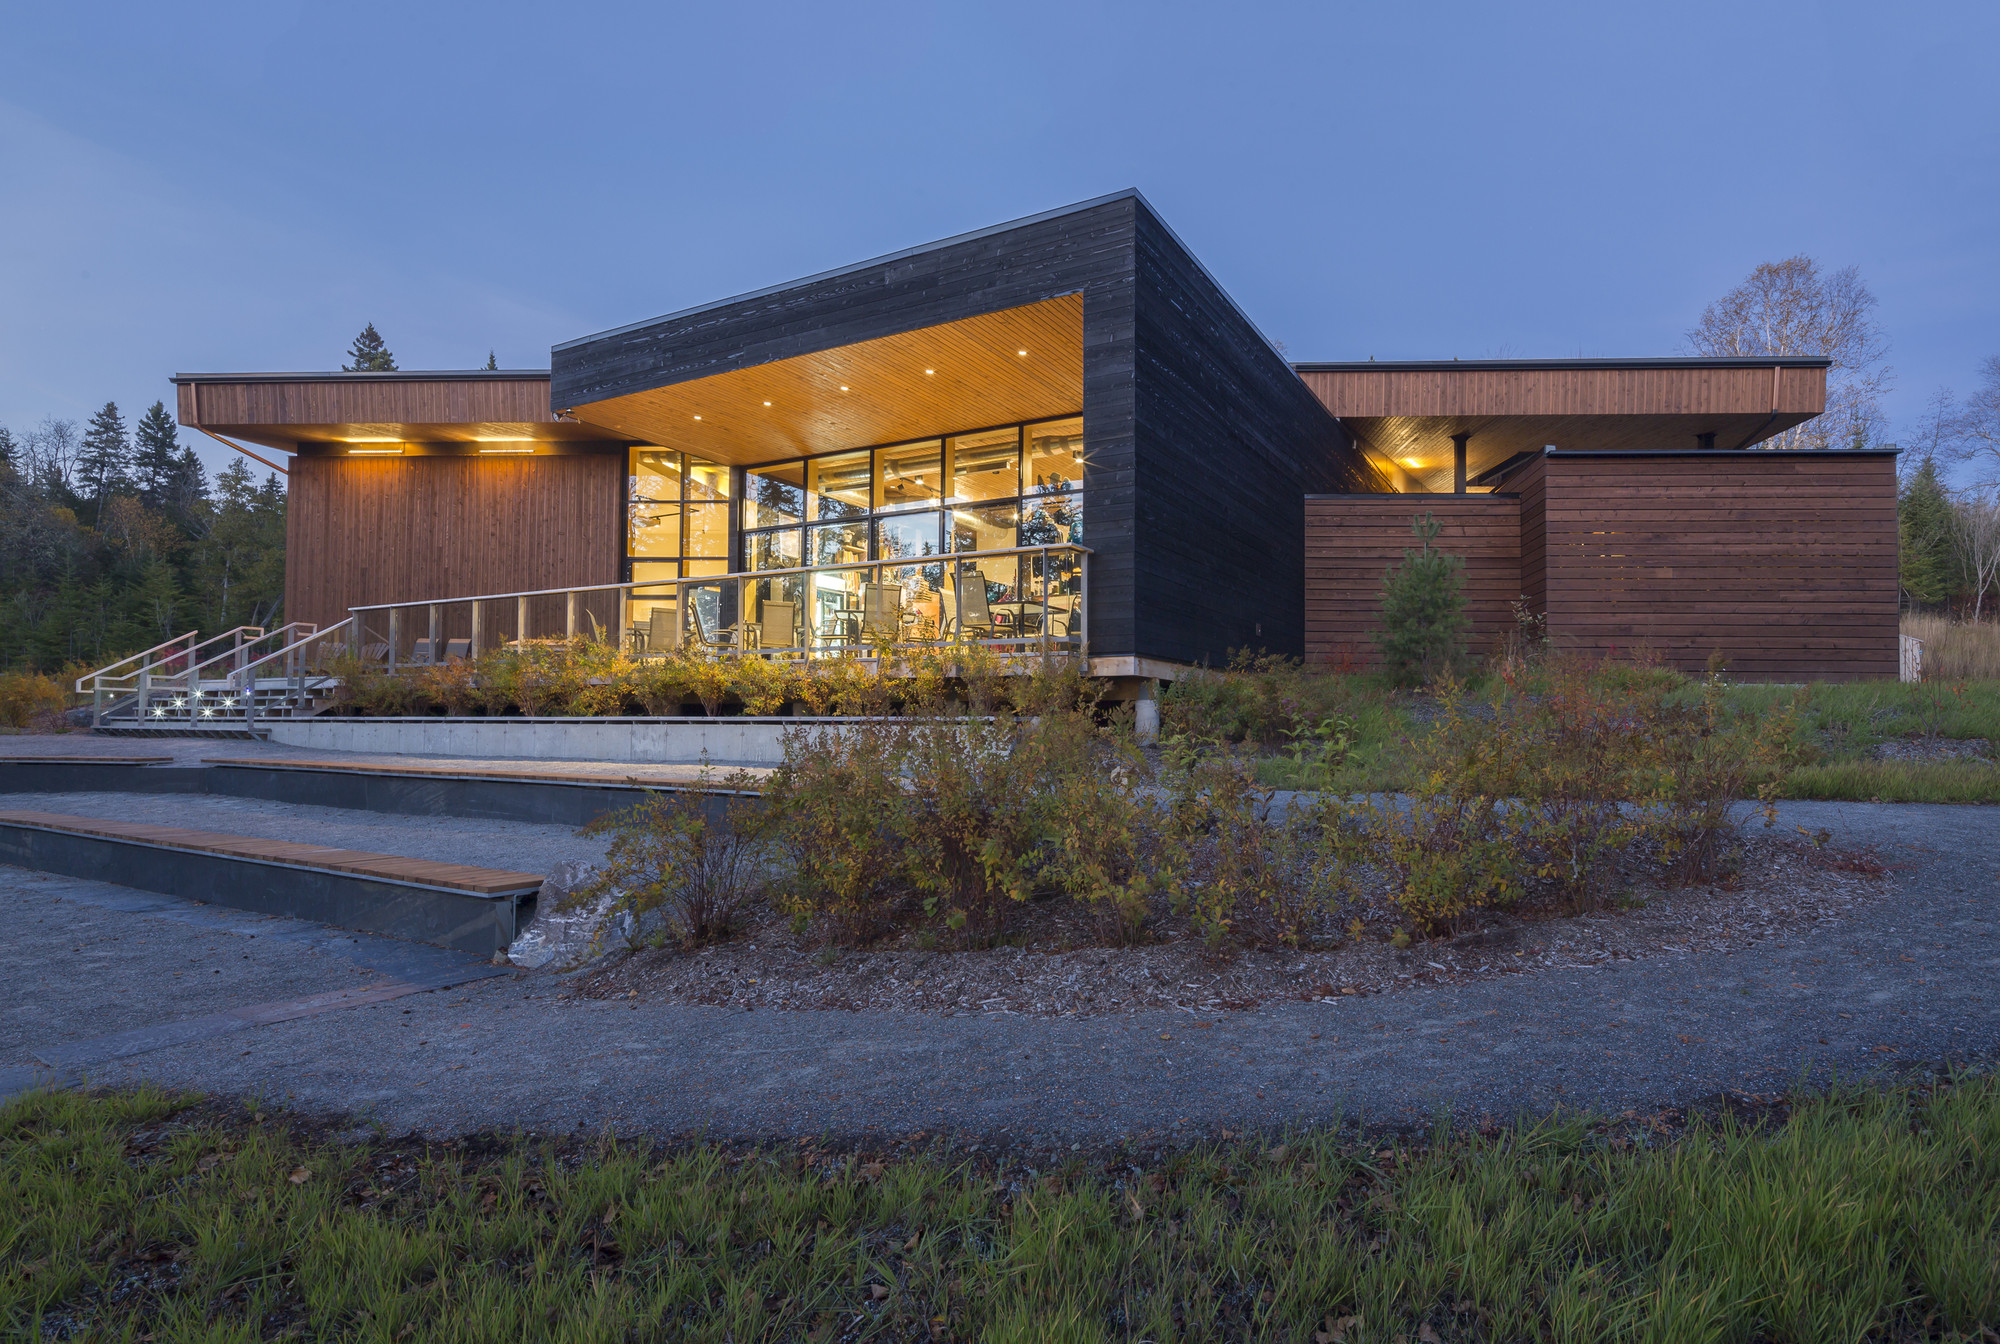 Parc national du Lac-Témiscouata Discovery & Visitor Centre  / bisson, charron architectes , © Stéphane Groleau